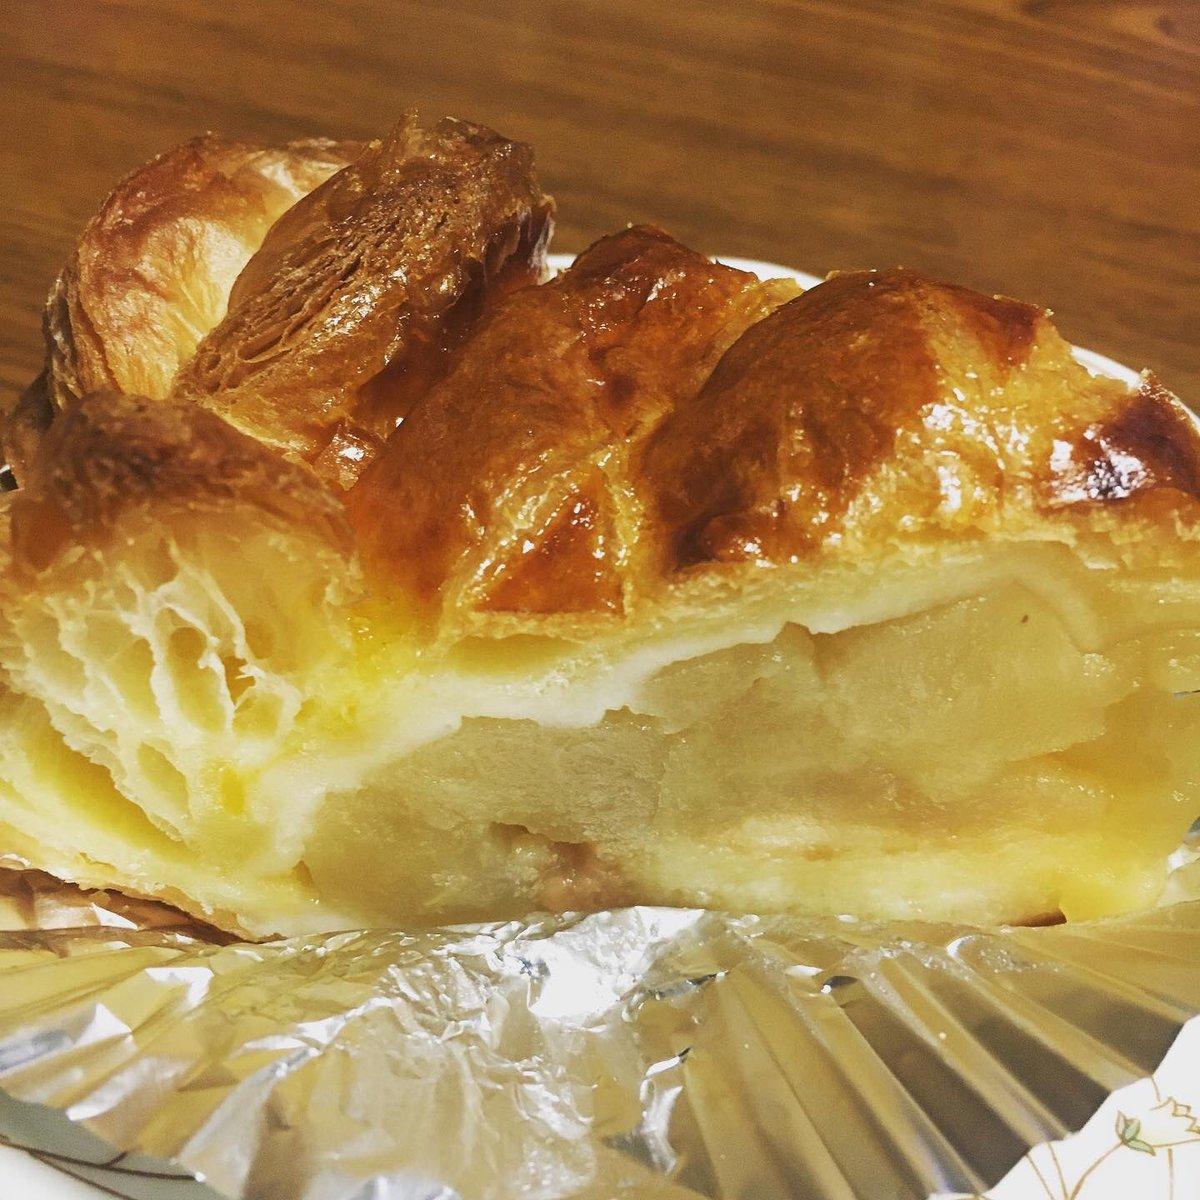 test ツイッターメディア - 18 近江屋洋菓子店のアップルパイ 中しっとり系のアップルパイ。 もちろんアップルパイに限らないがここのお菓子はシンプルでどれも美味しい。ティラミスとどっちを書くか迷ったが定番を敢えて書きました。 https://t.co/aeO04jMZ7e